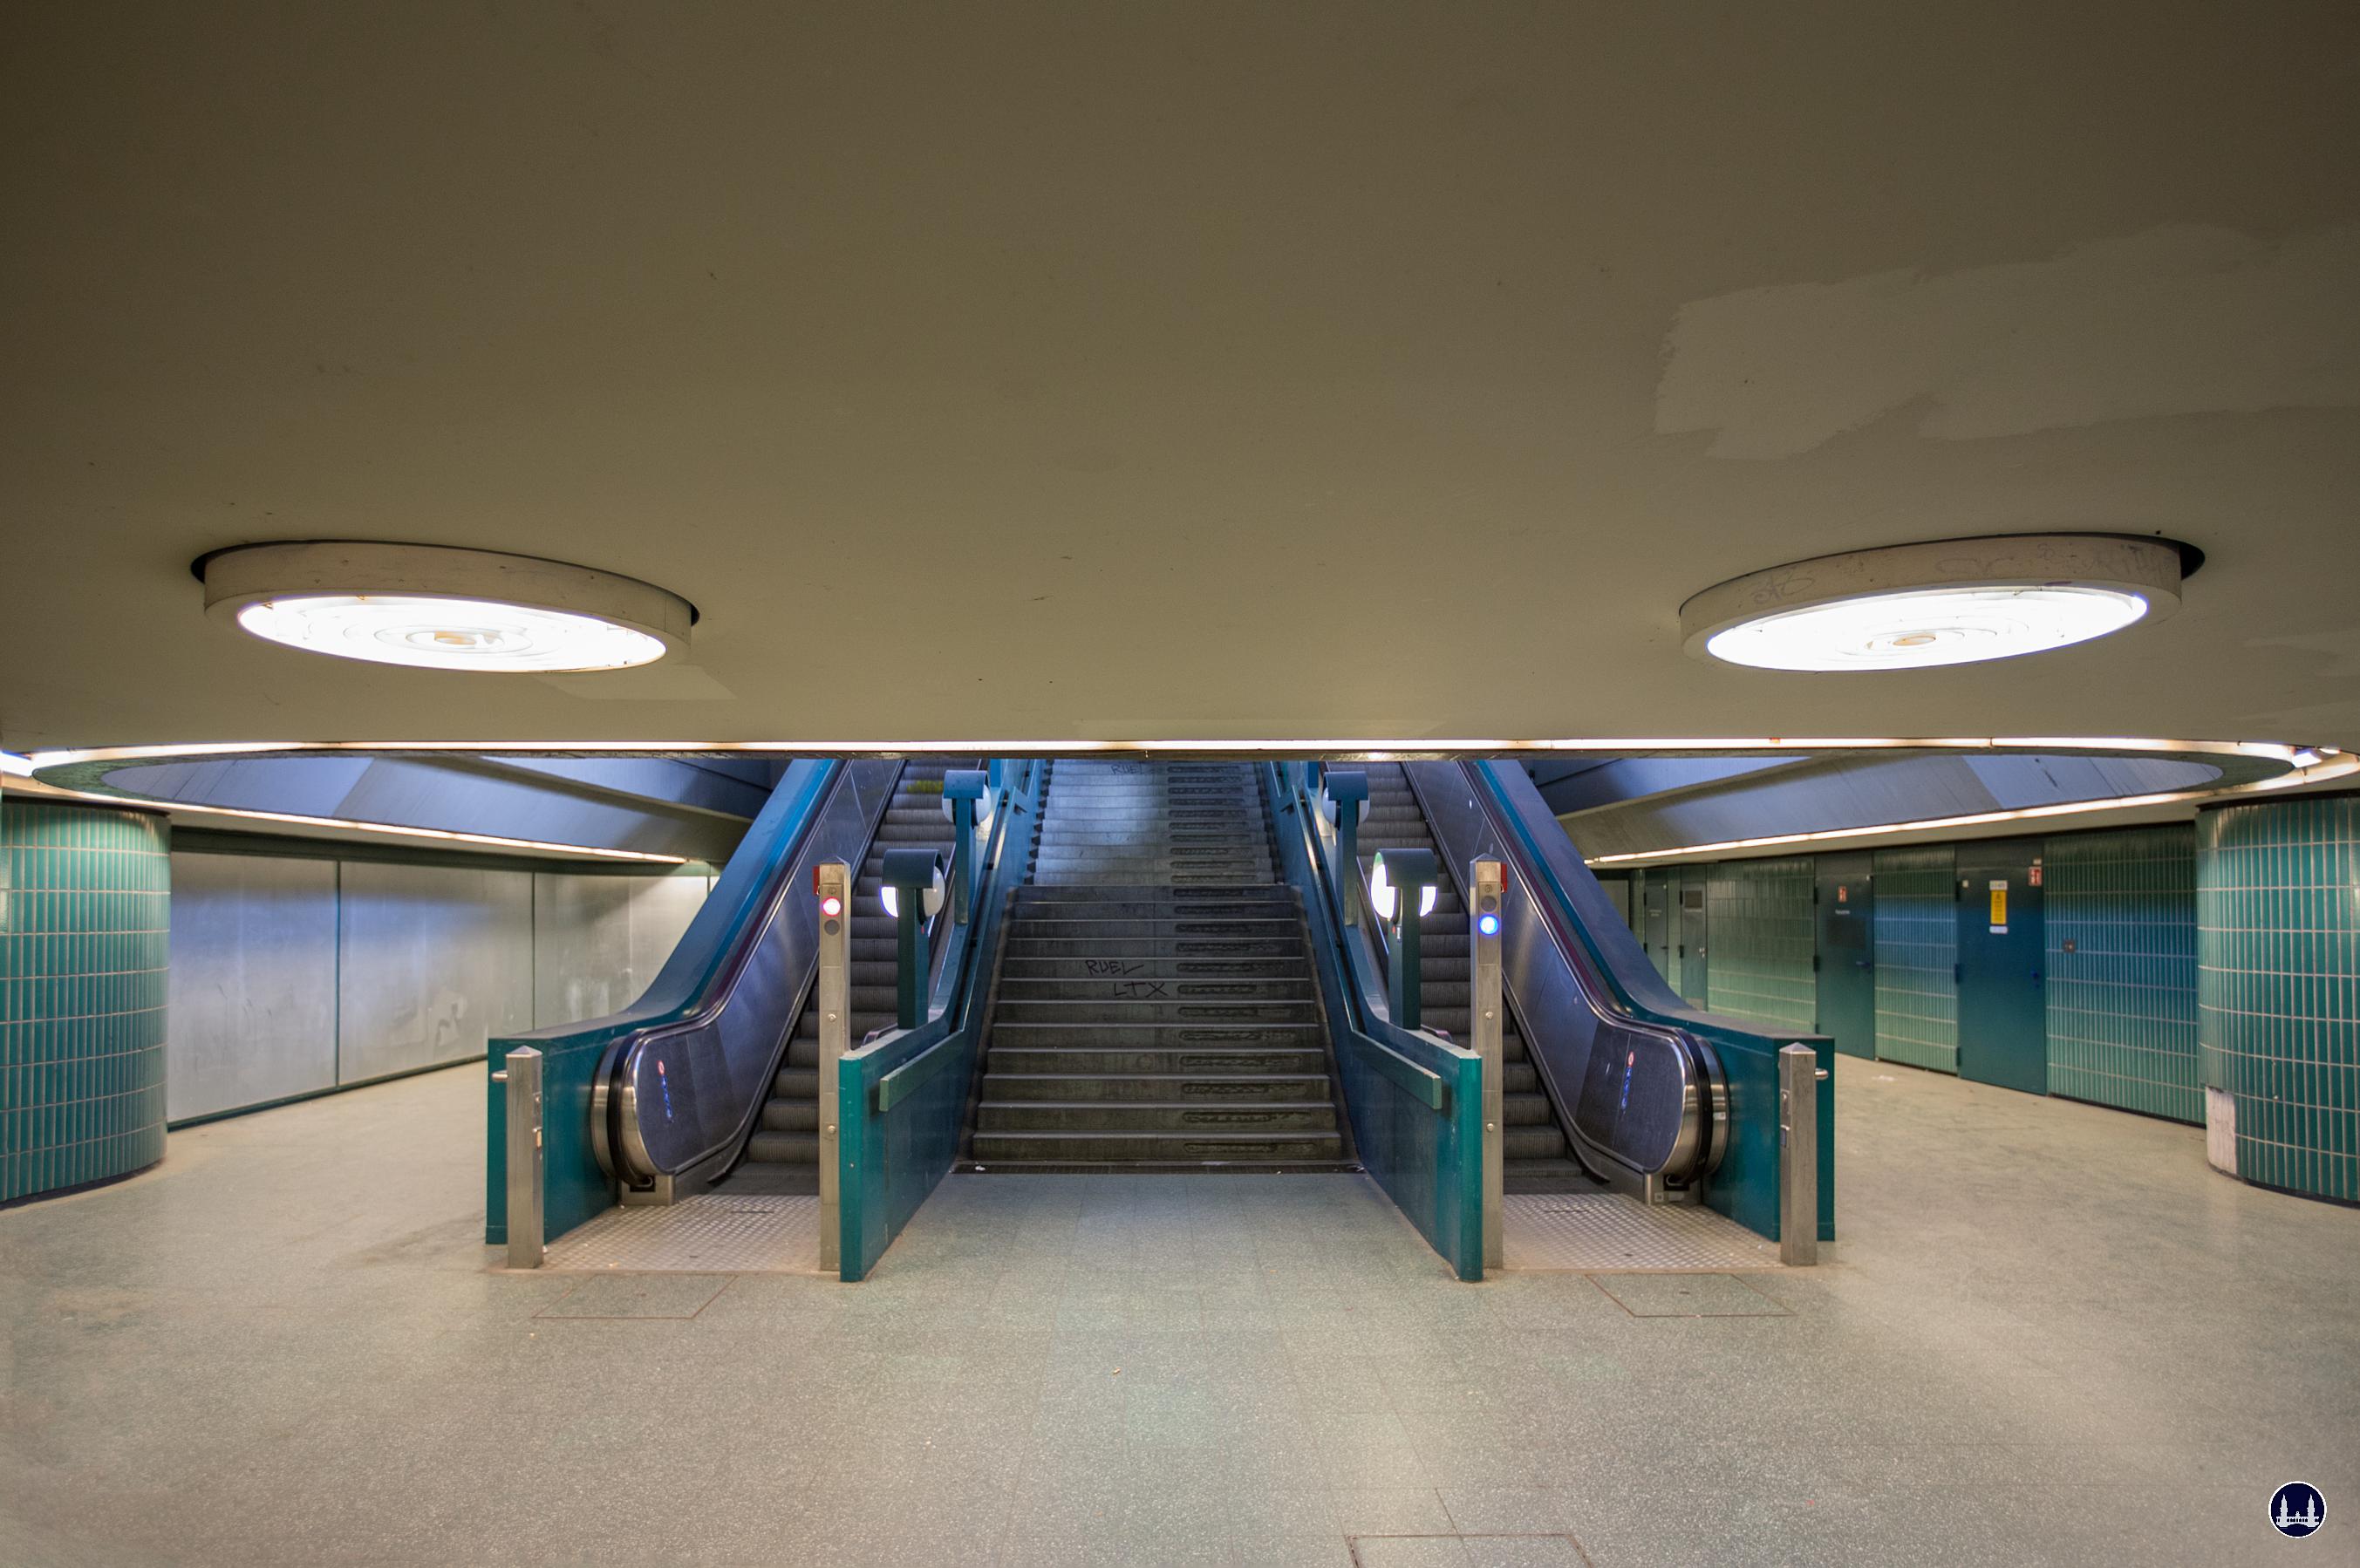 Das Ensemble U - Bahnhof Schloßstraße. Treppenabgang zum Verteilergeschoss. Die leider auf Grund von Vandalismus verblechten Schaufenster links gehören zum Spielwarenladen.